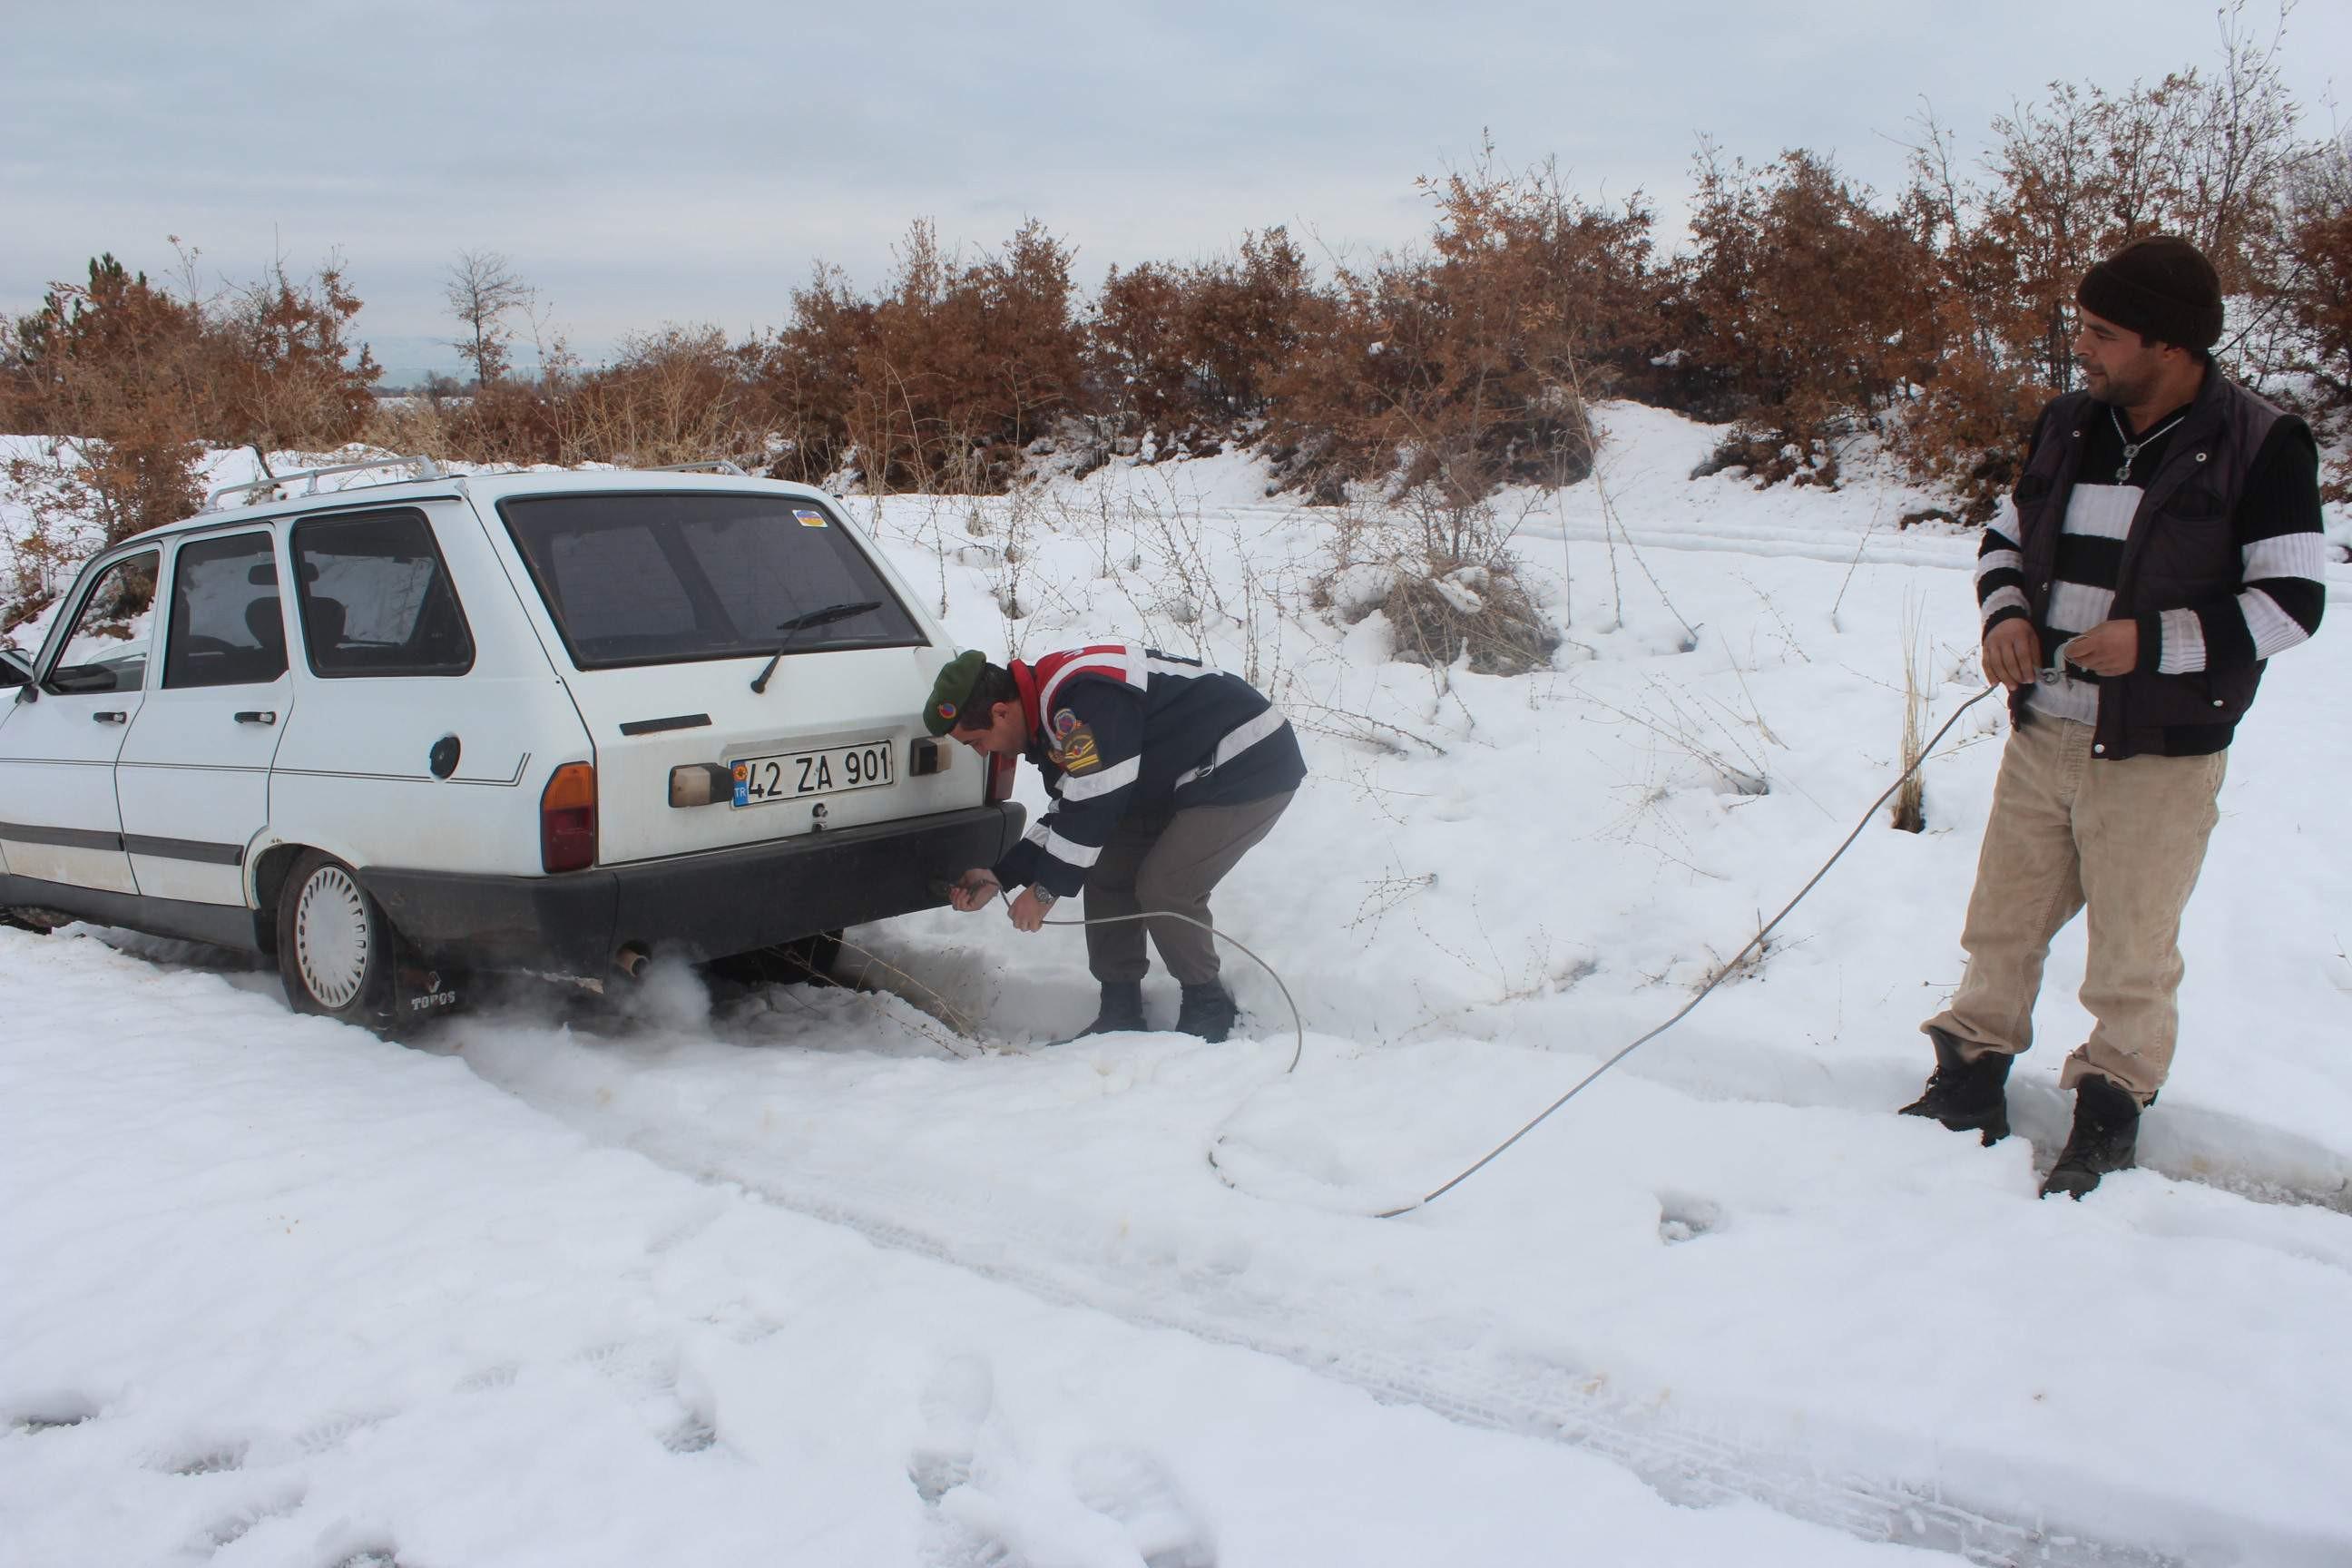 Jandarma yolda kalan araçlar için seferber oldu